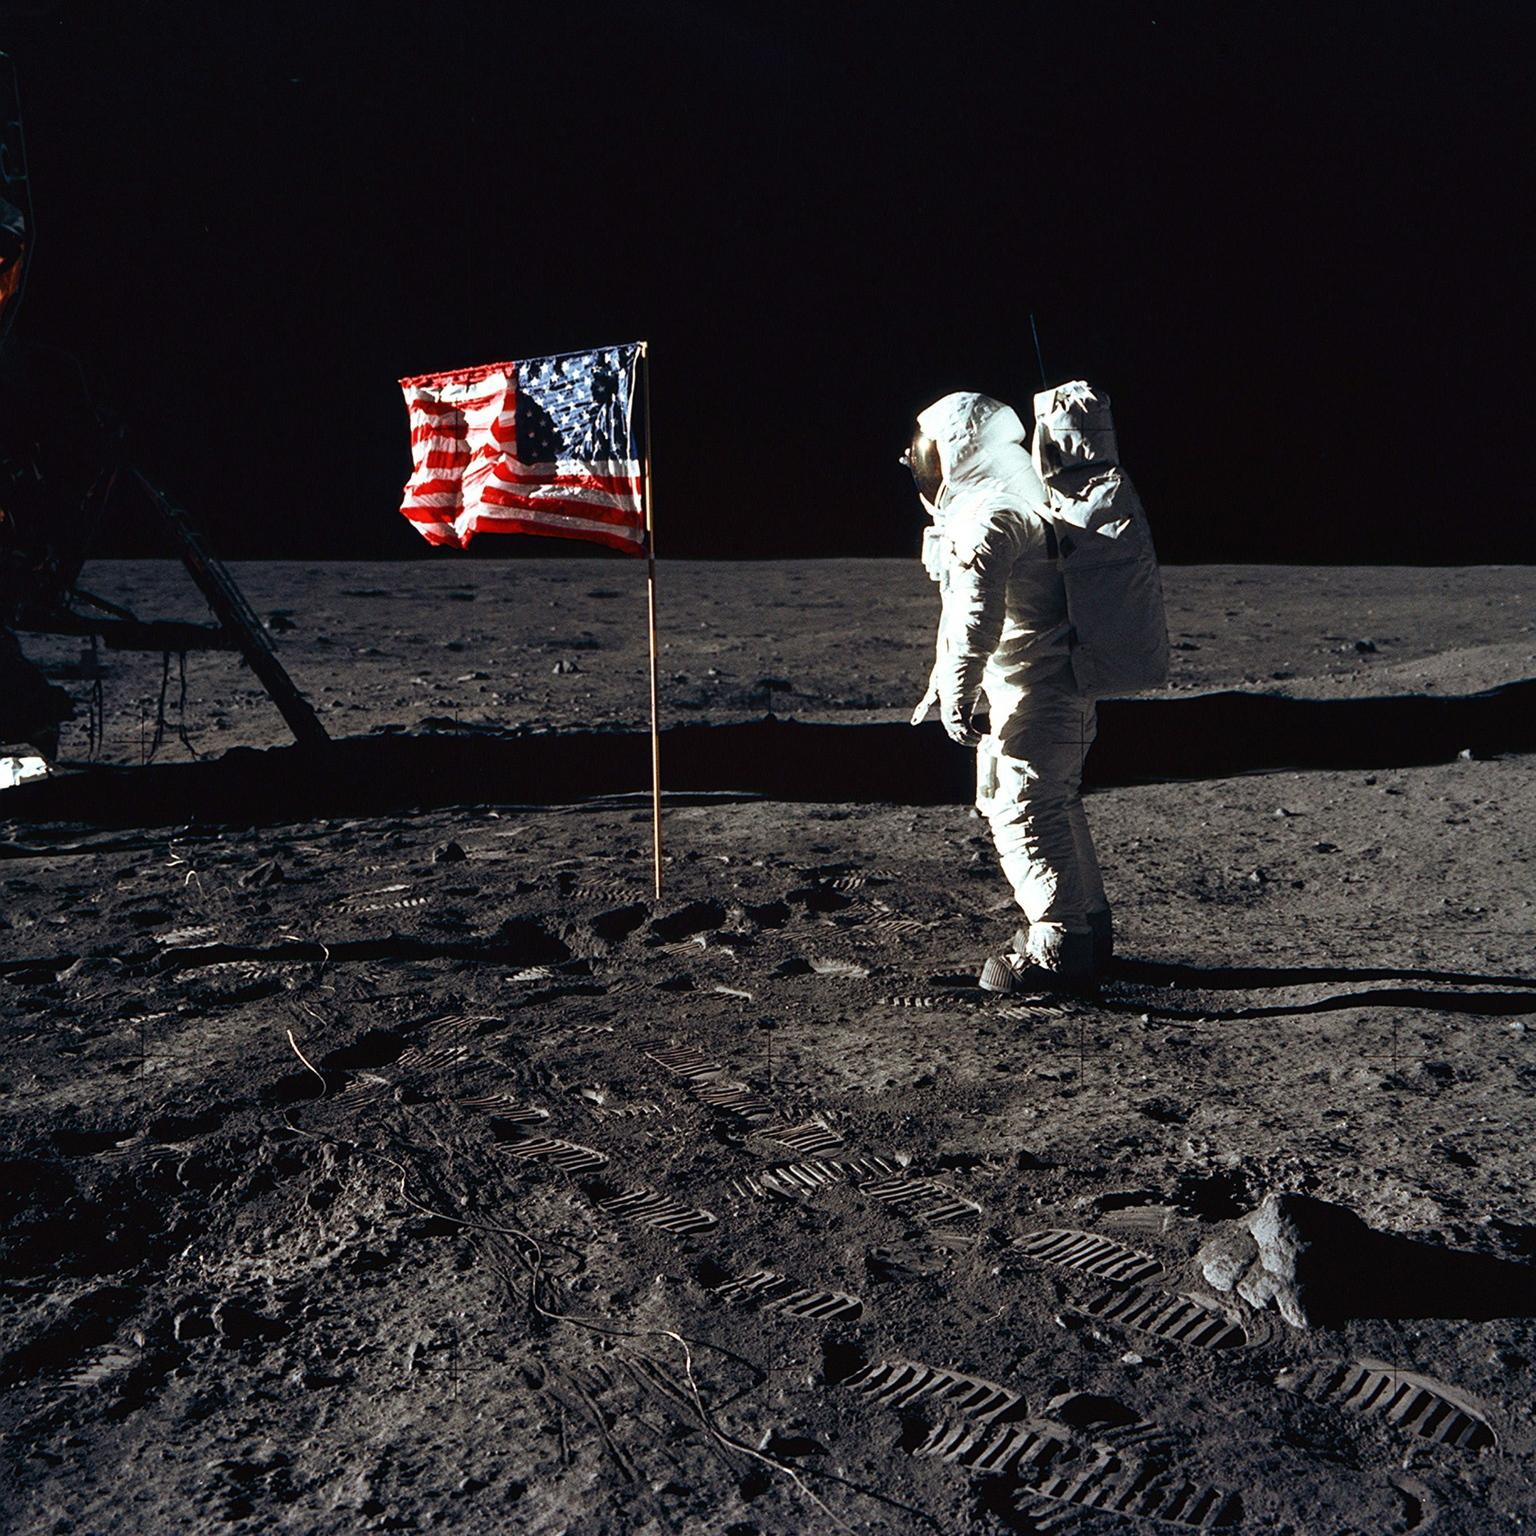 A NASA által közreadott képen Edwin E. (Buzz) Aldrin, az emberiség első holdutazását végrehajtó Apollo-11 amerikai űrhajó holdkompjának pilótája a Hold felszínén, a frissen kitűzött amerikai zászló mellett, a Nyugalom tengere nevű térségben az első Holdra szállás után, 1969. július 20-án. Balról a Sas leszállómodul egyik lába, a földön az űrhajósok lábnyomai láthatók. A felvételt a Holdra elsőként lépő Neil Armstrong amerikai űrhajós, az Apollo-11 parancsnoka készítette egy, az űrutazáshoz átalakított Hasselblad fényképezőgéppel, 70 mm-es gyújtótávolságú objektívvel. (MTI/NASA)